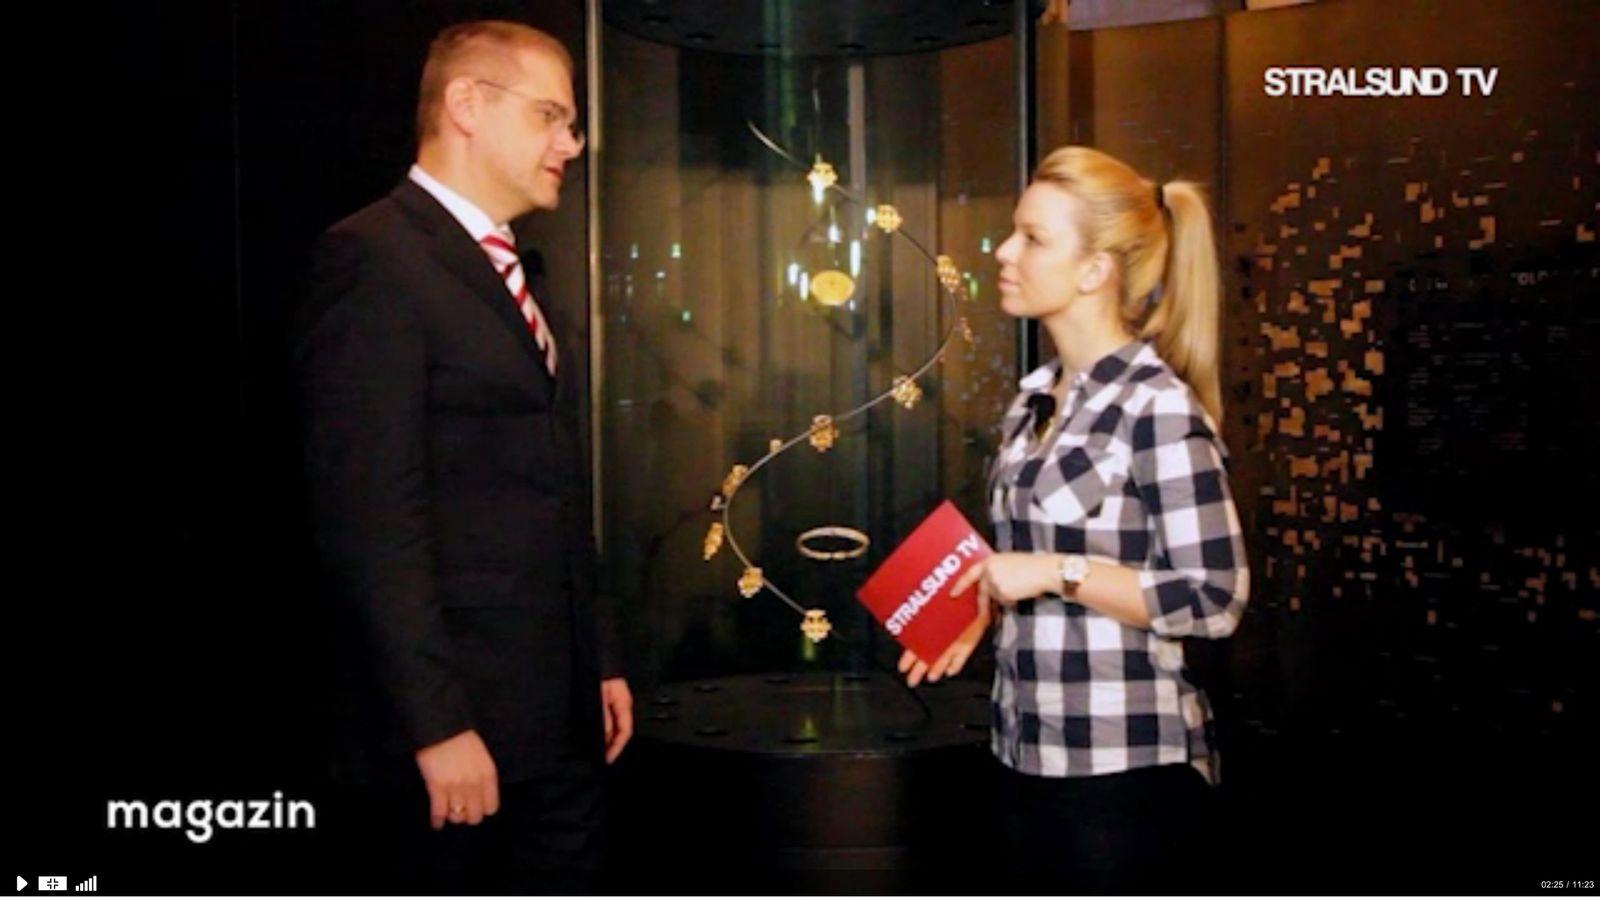 EINMALIGE VERWENDUNG Interview Stralsund TV SCREENSHOT